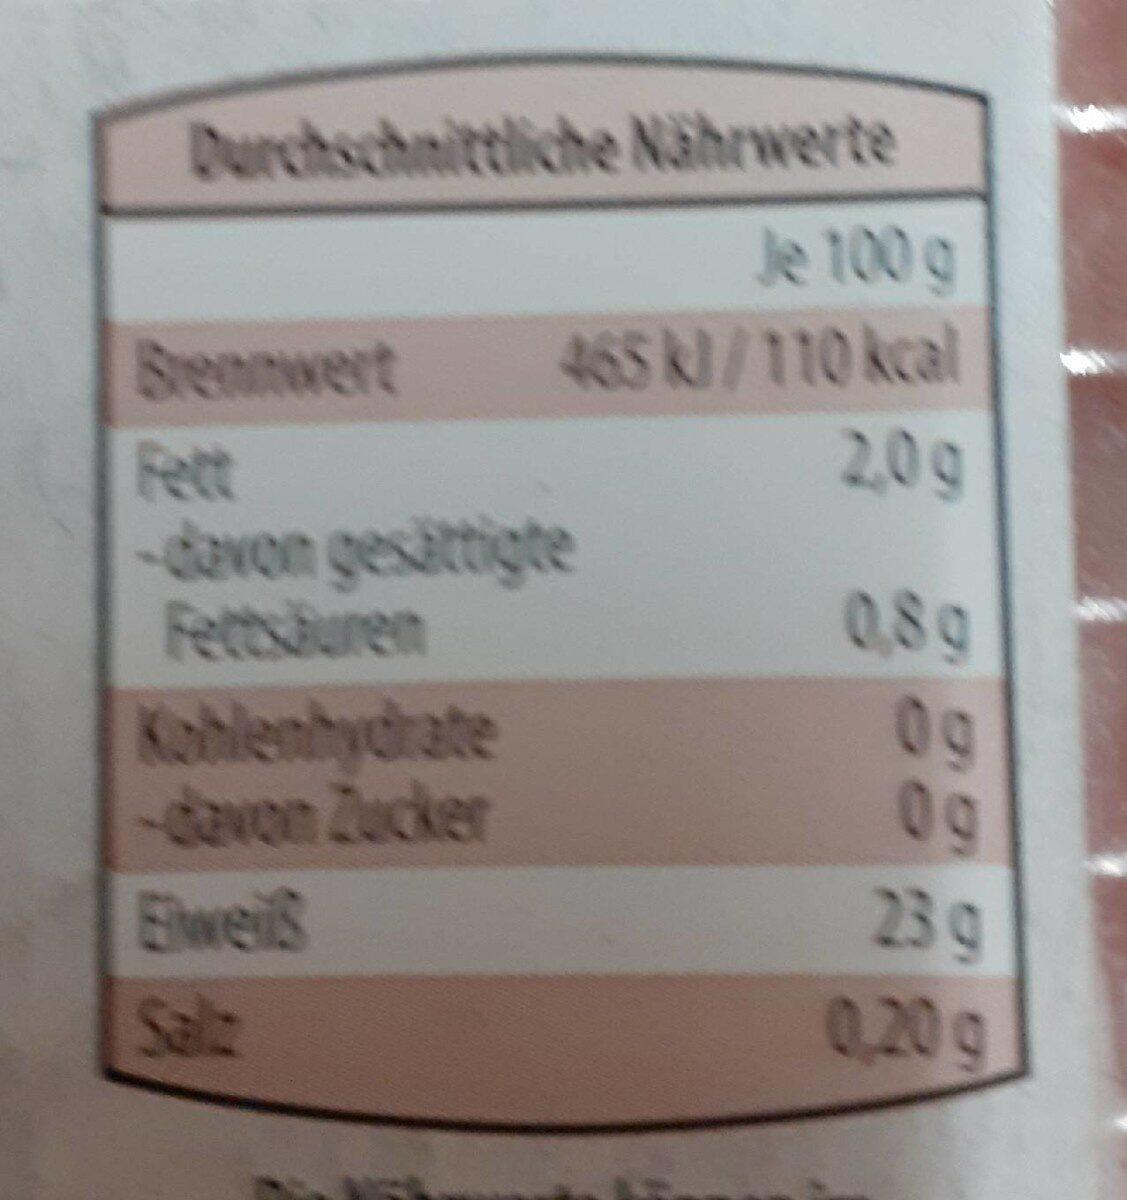 Frisches Puten-minifilet - Informations nutritionnelles - de